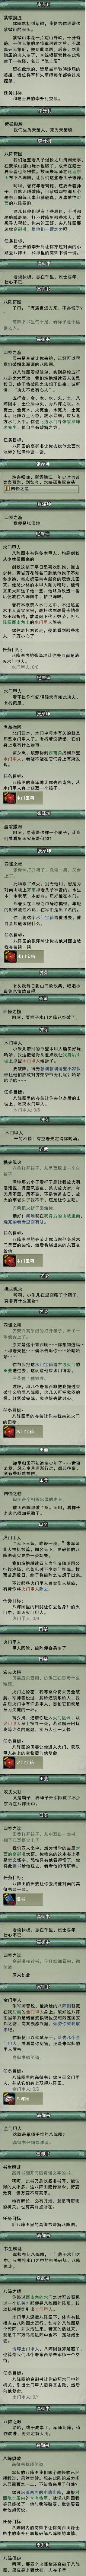 主线任务03 - 八阵图.jpg